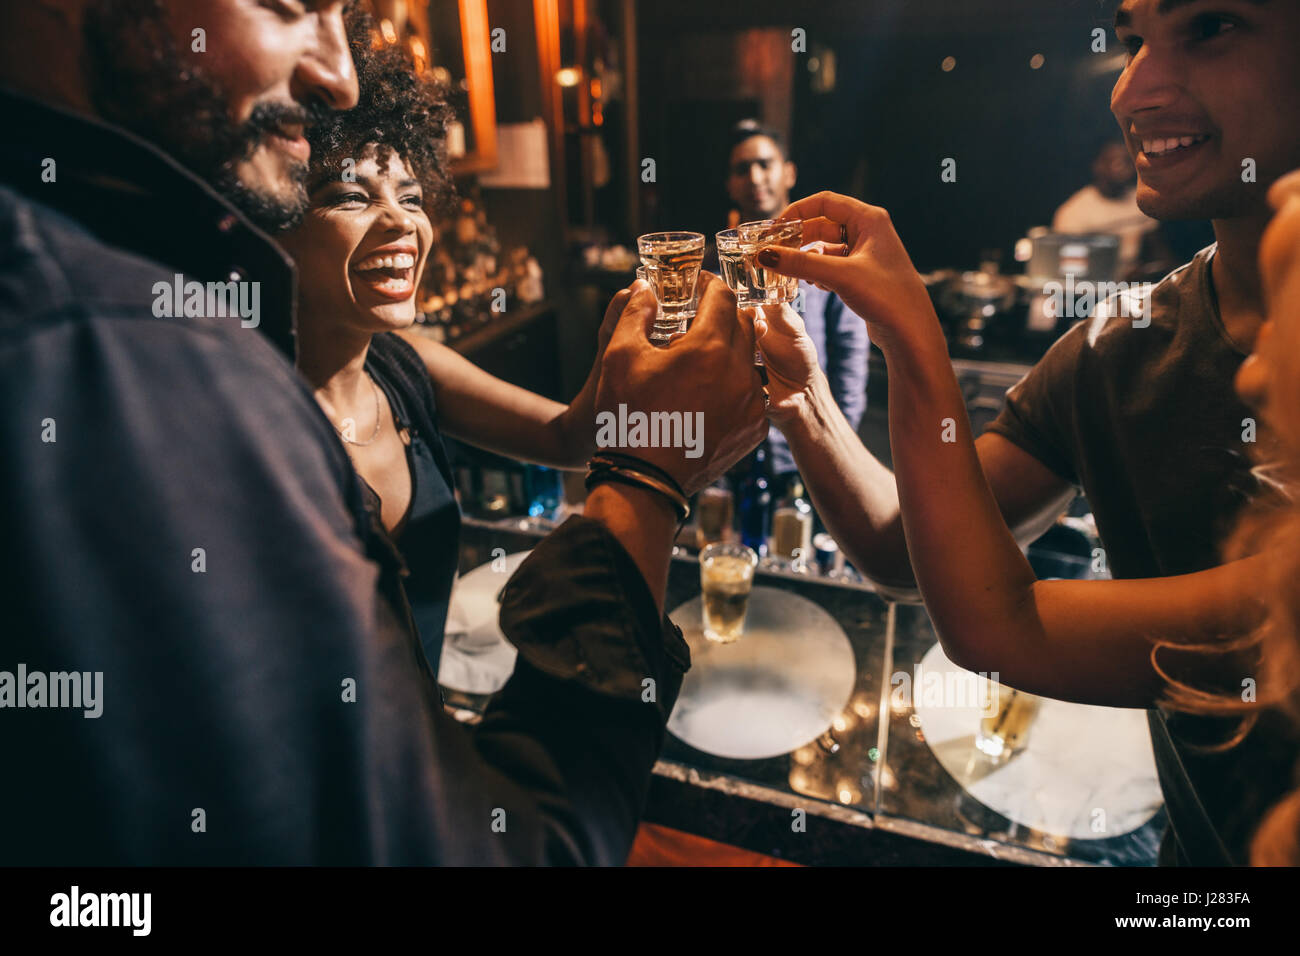 Amigos tostado mutuamente con disparos de vodka mientras disfruta de una relajante noche juntos en el pub. Grupo Imagen De Stock